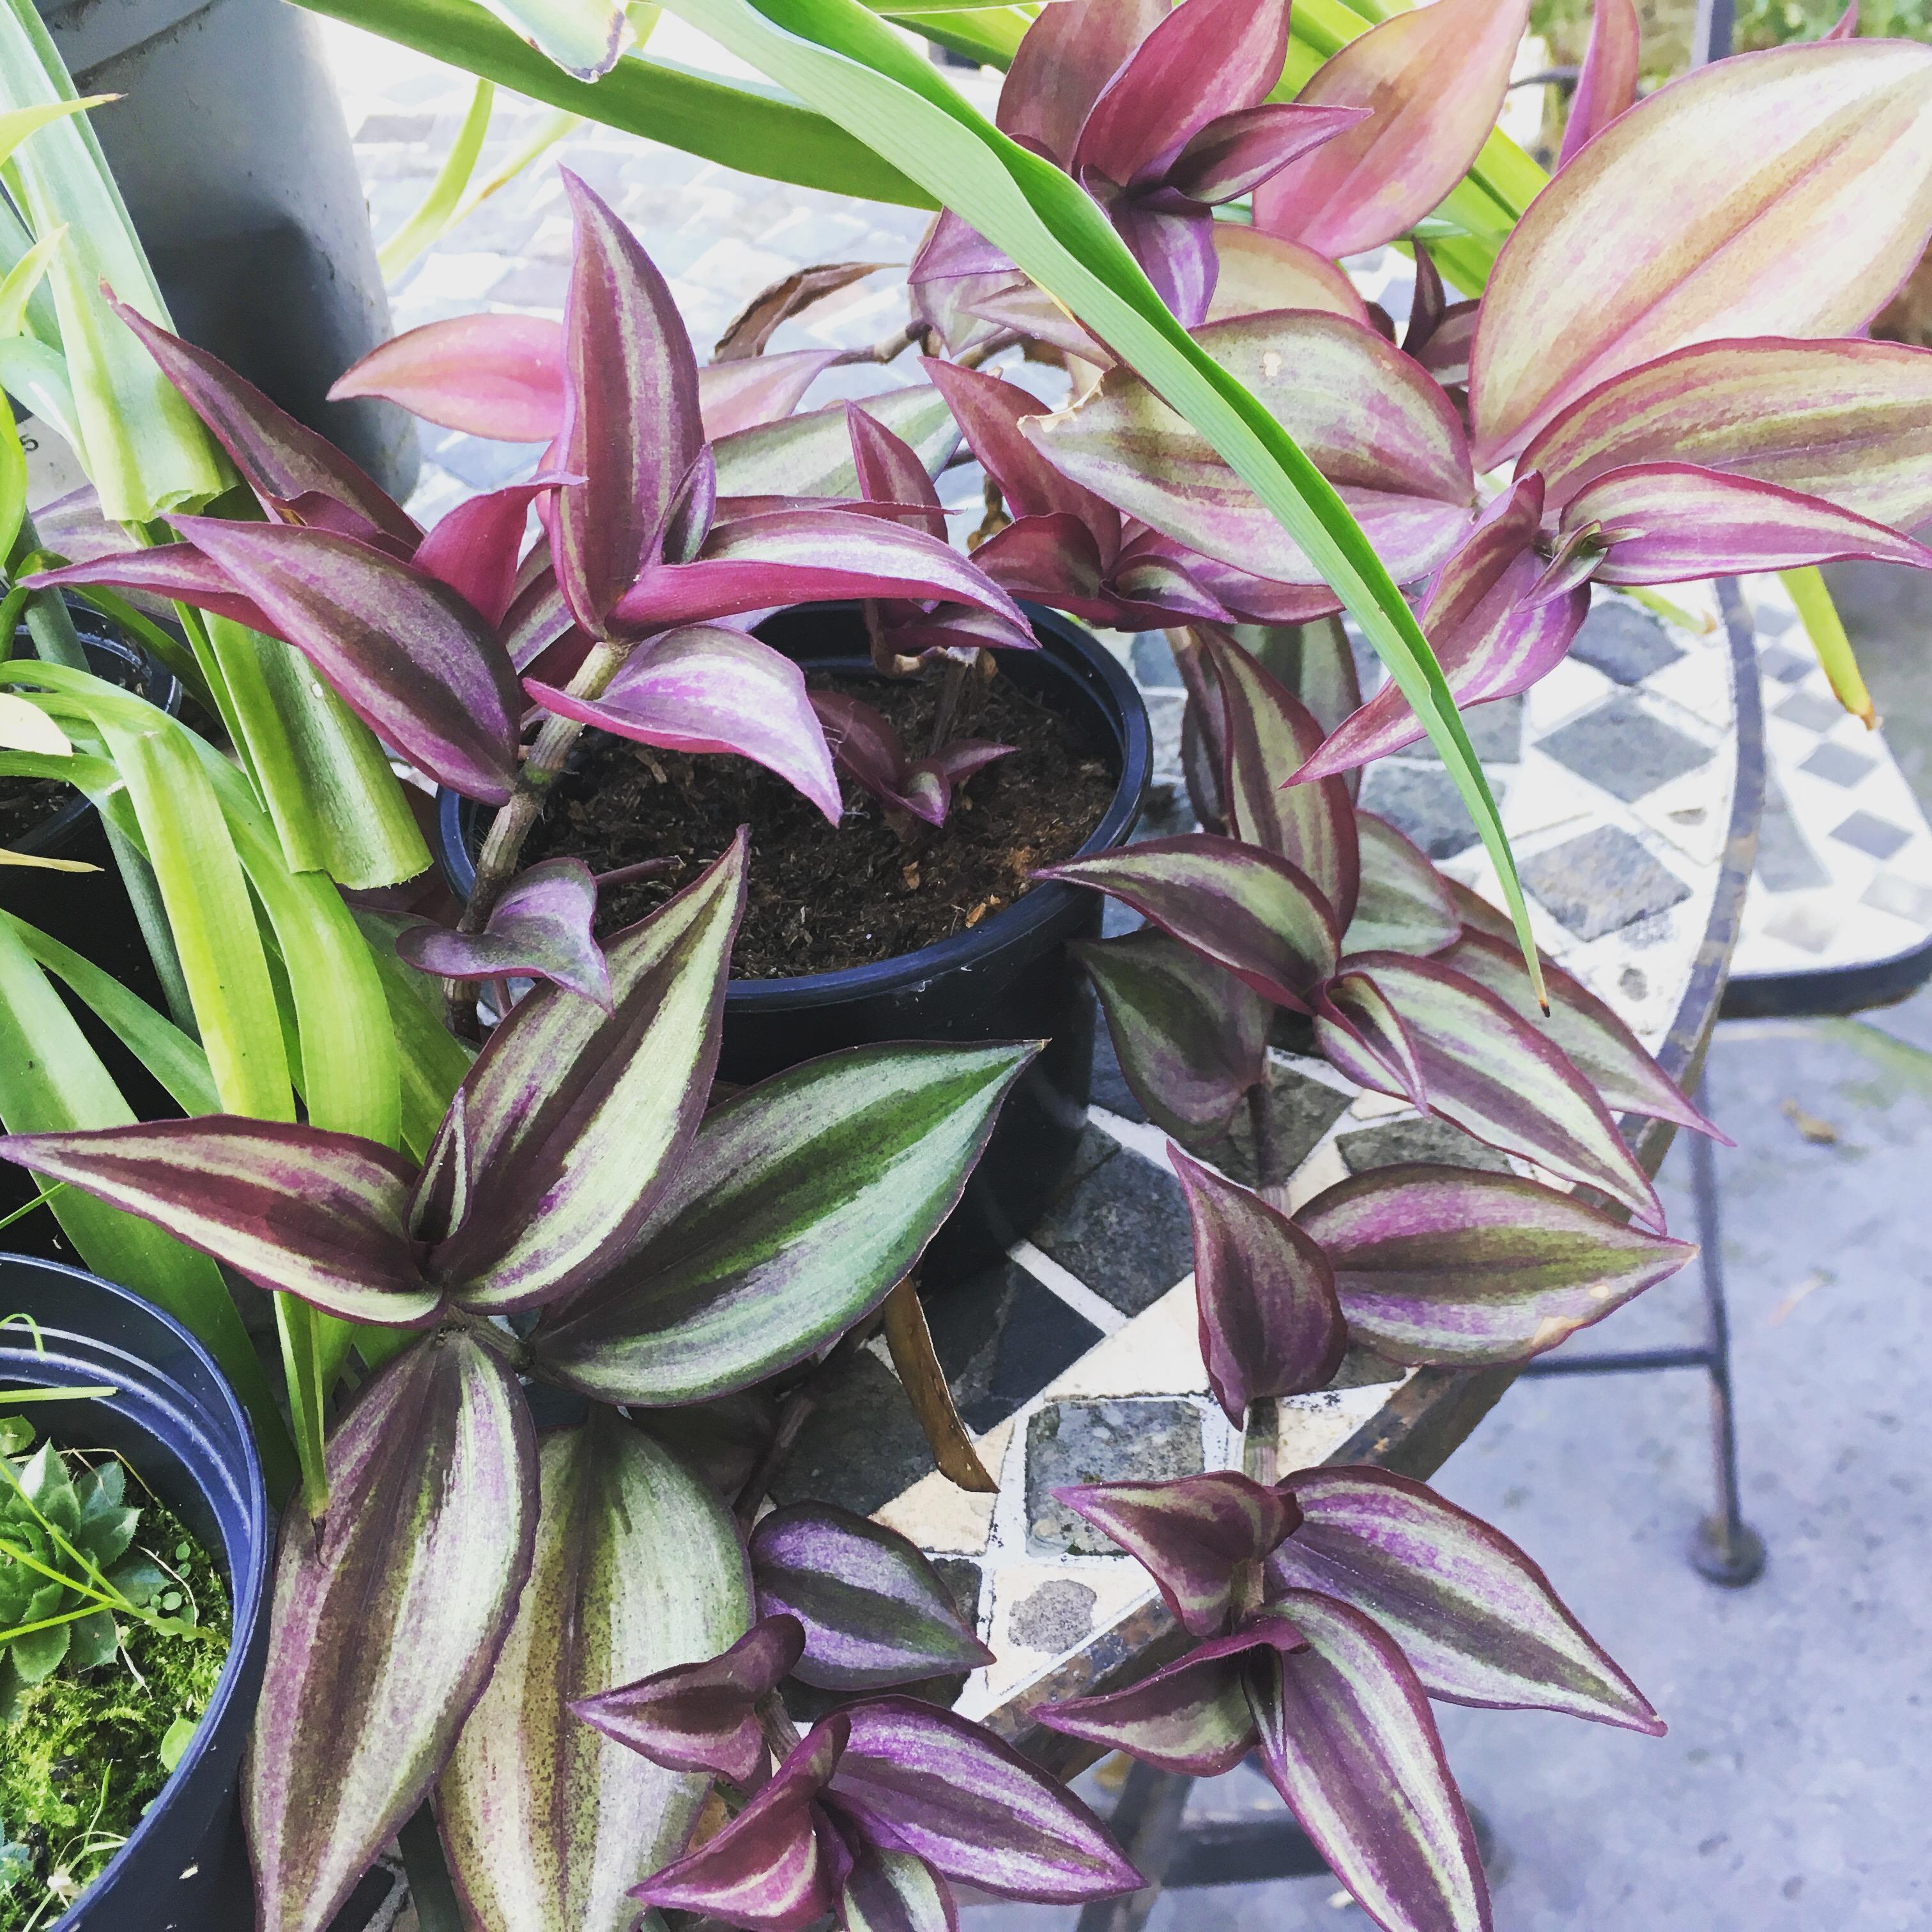 troc de troc plantes image 1